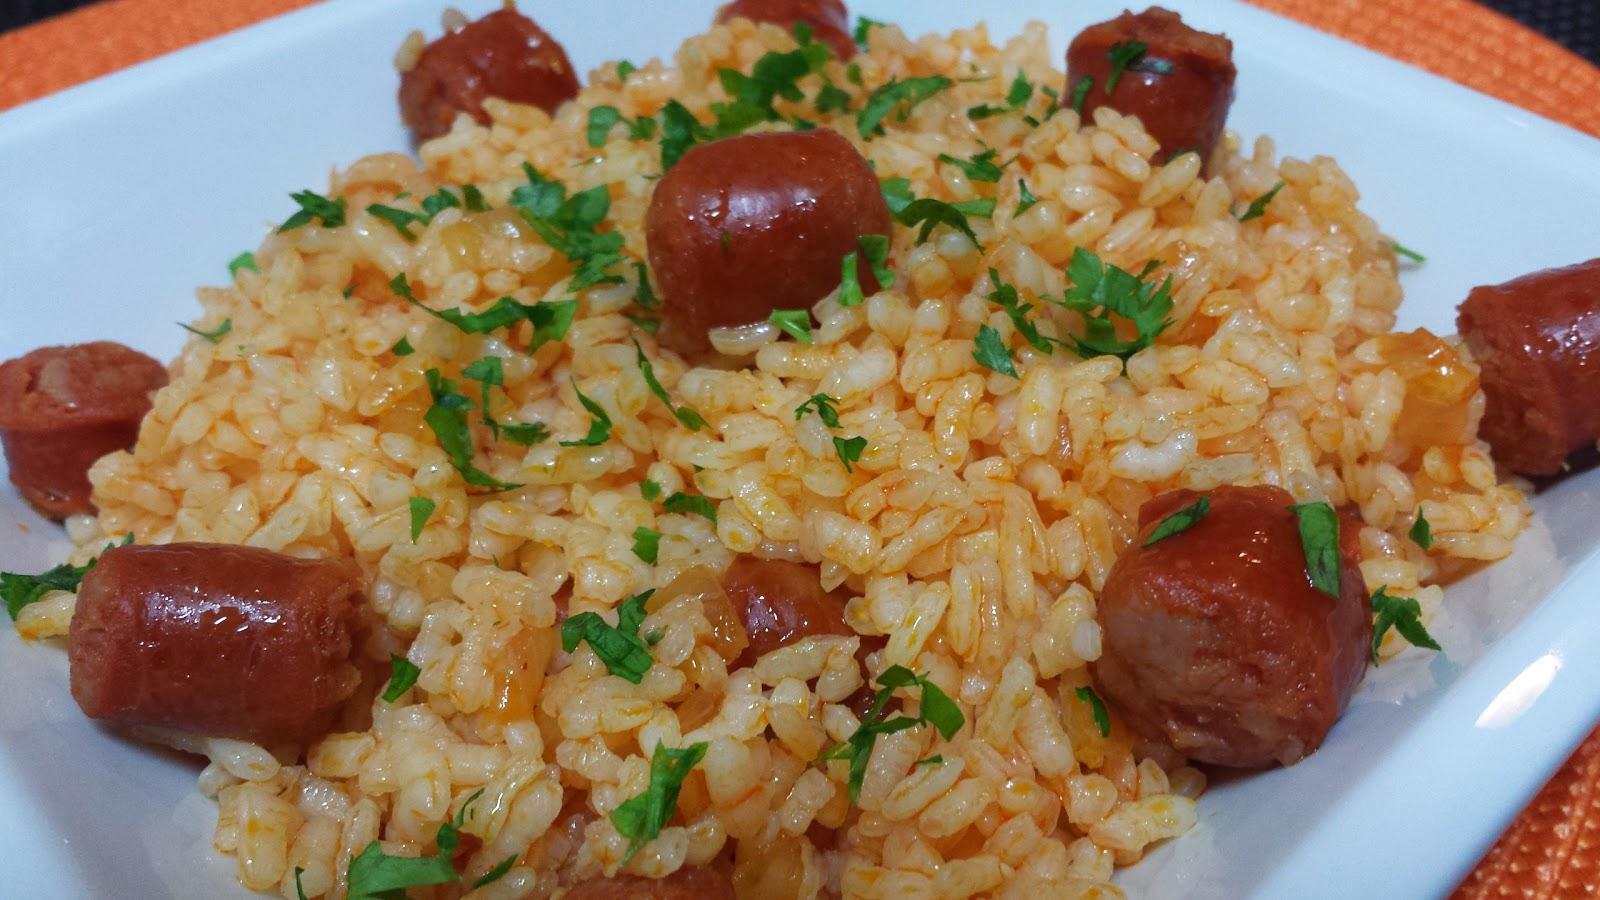 arroz salteado con chistorra